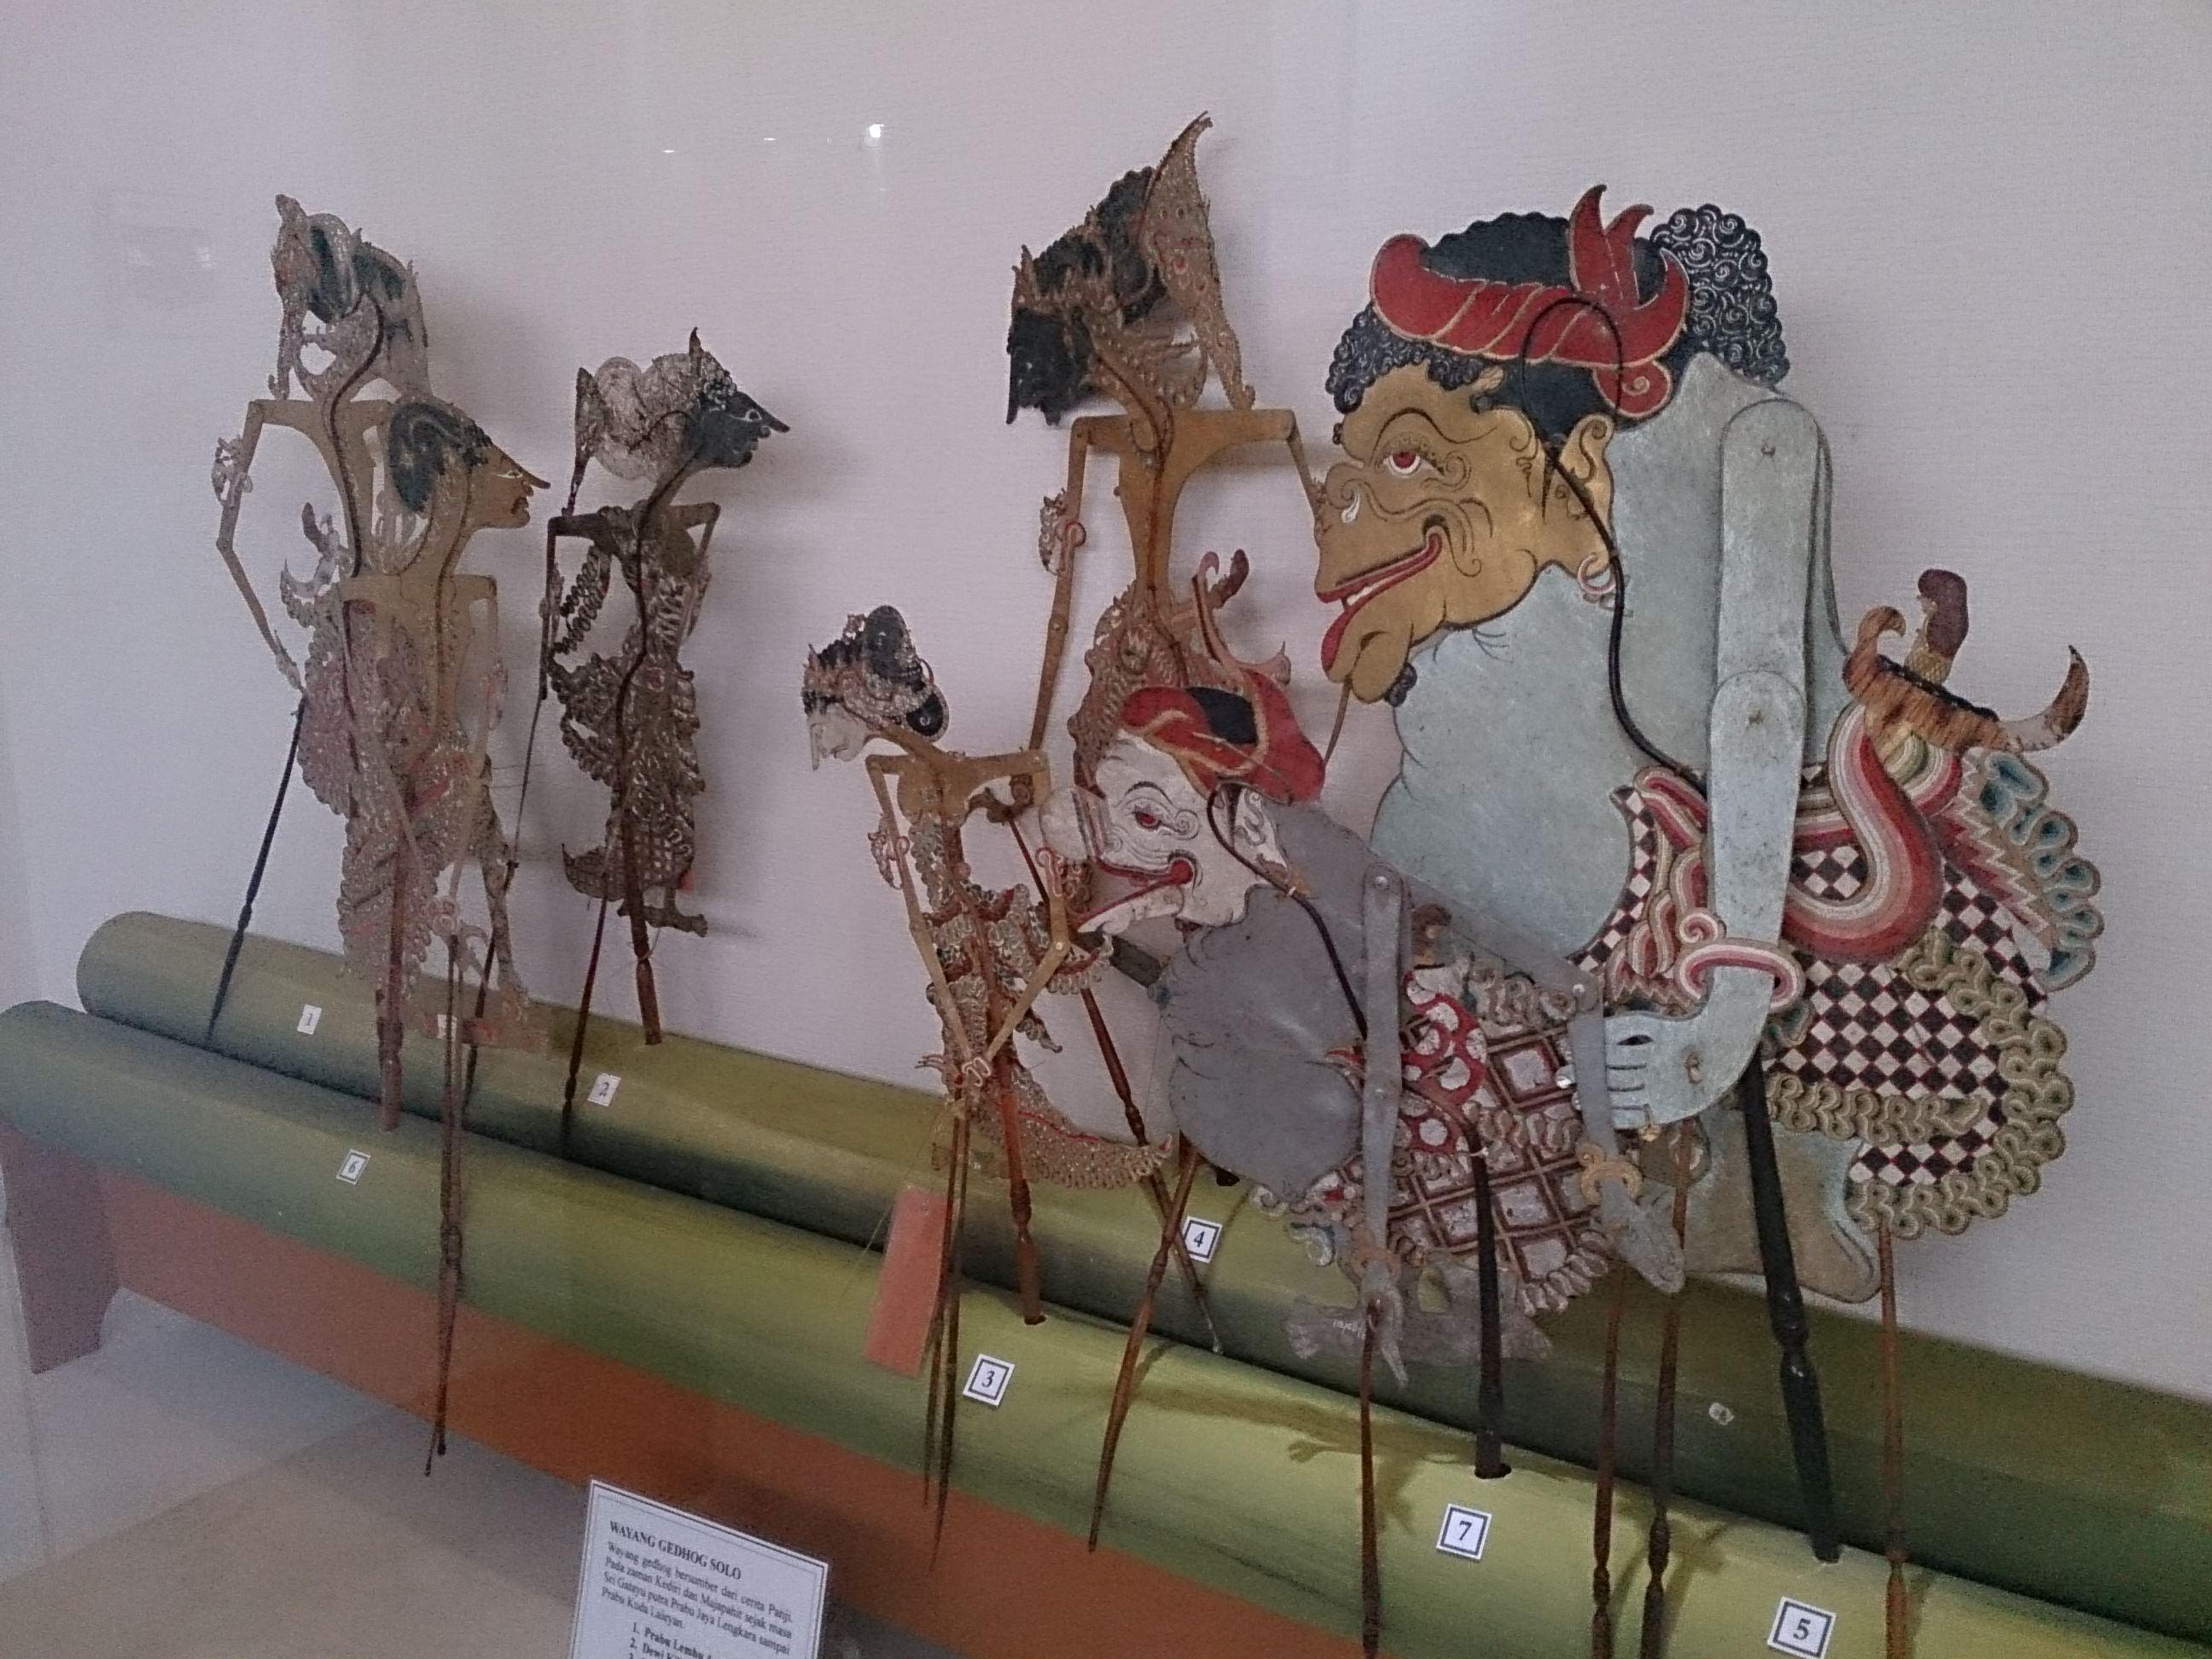 王宮公認のジャワ文化博物館・ソノブドヨ博物館